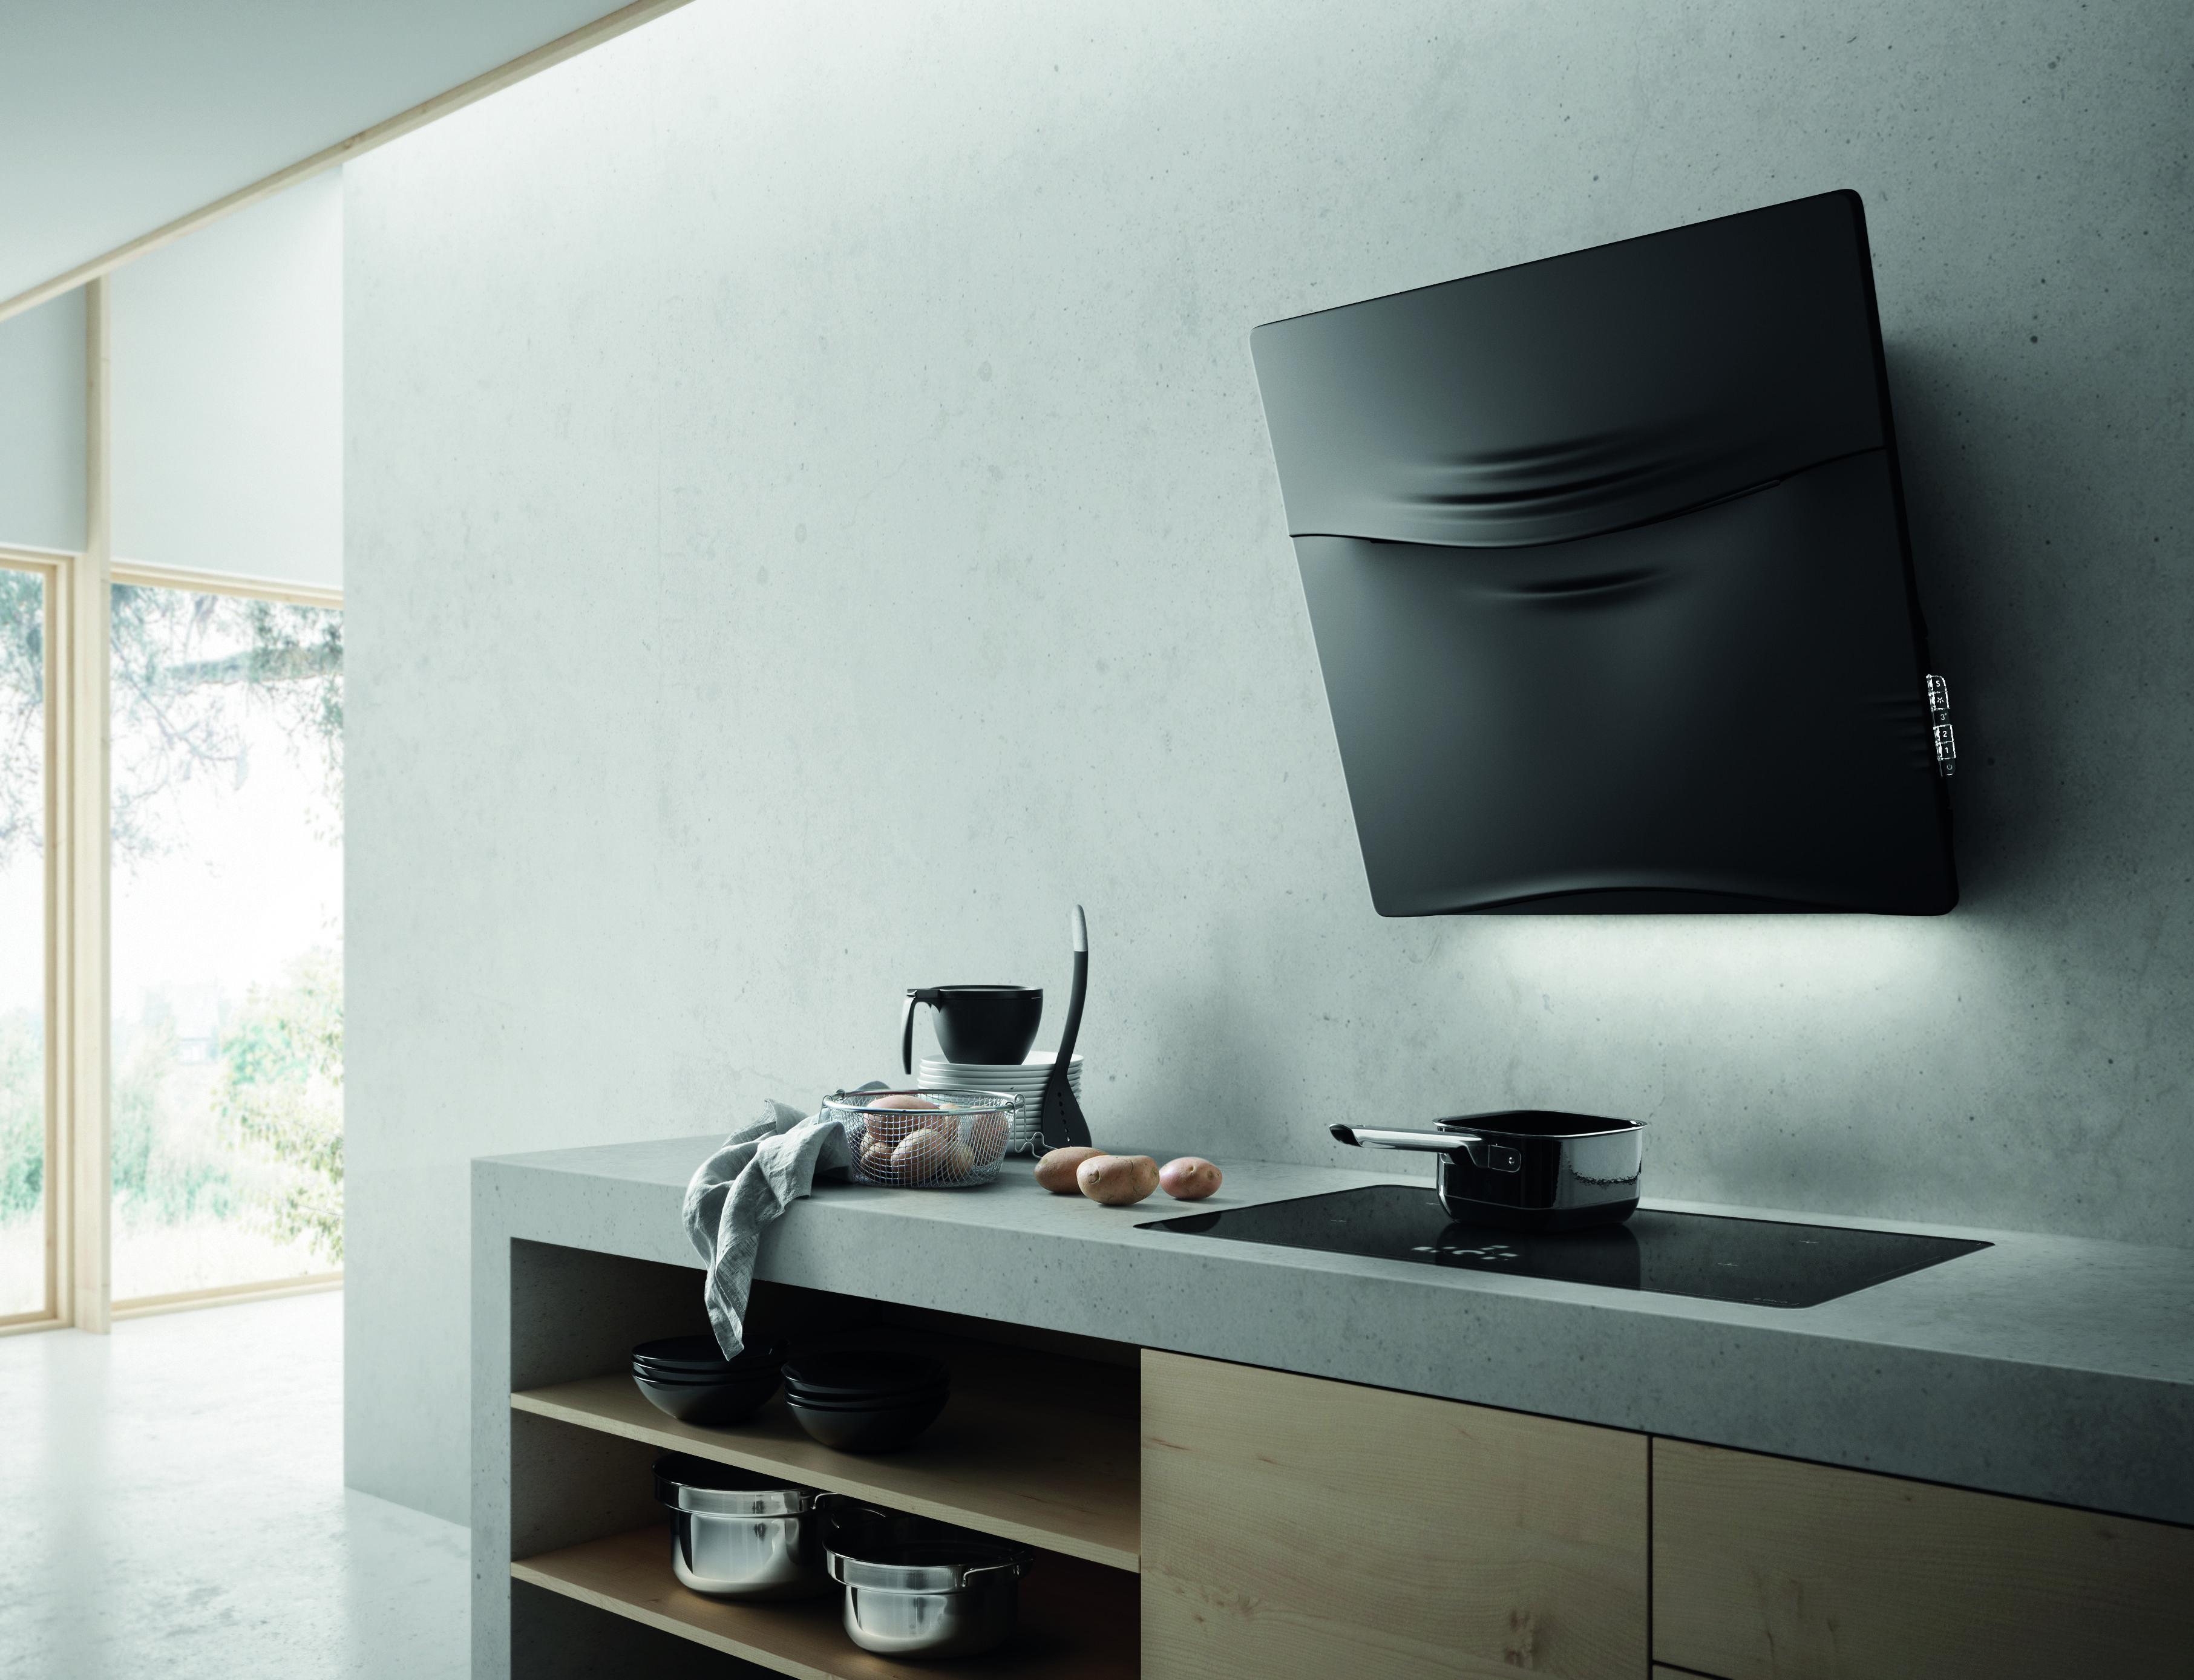 Concetto spaziale is the new vertical elica hood in for Concetto aperto cucina soggiorno